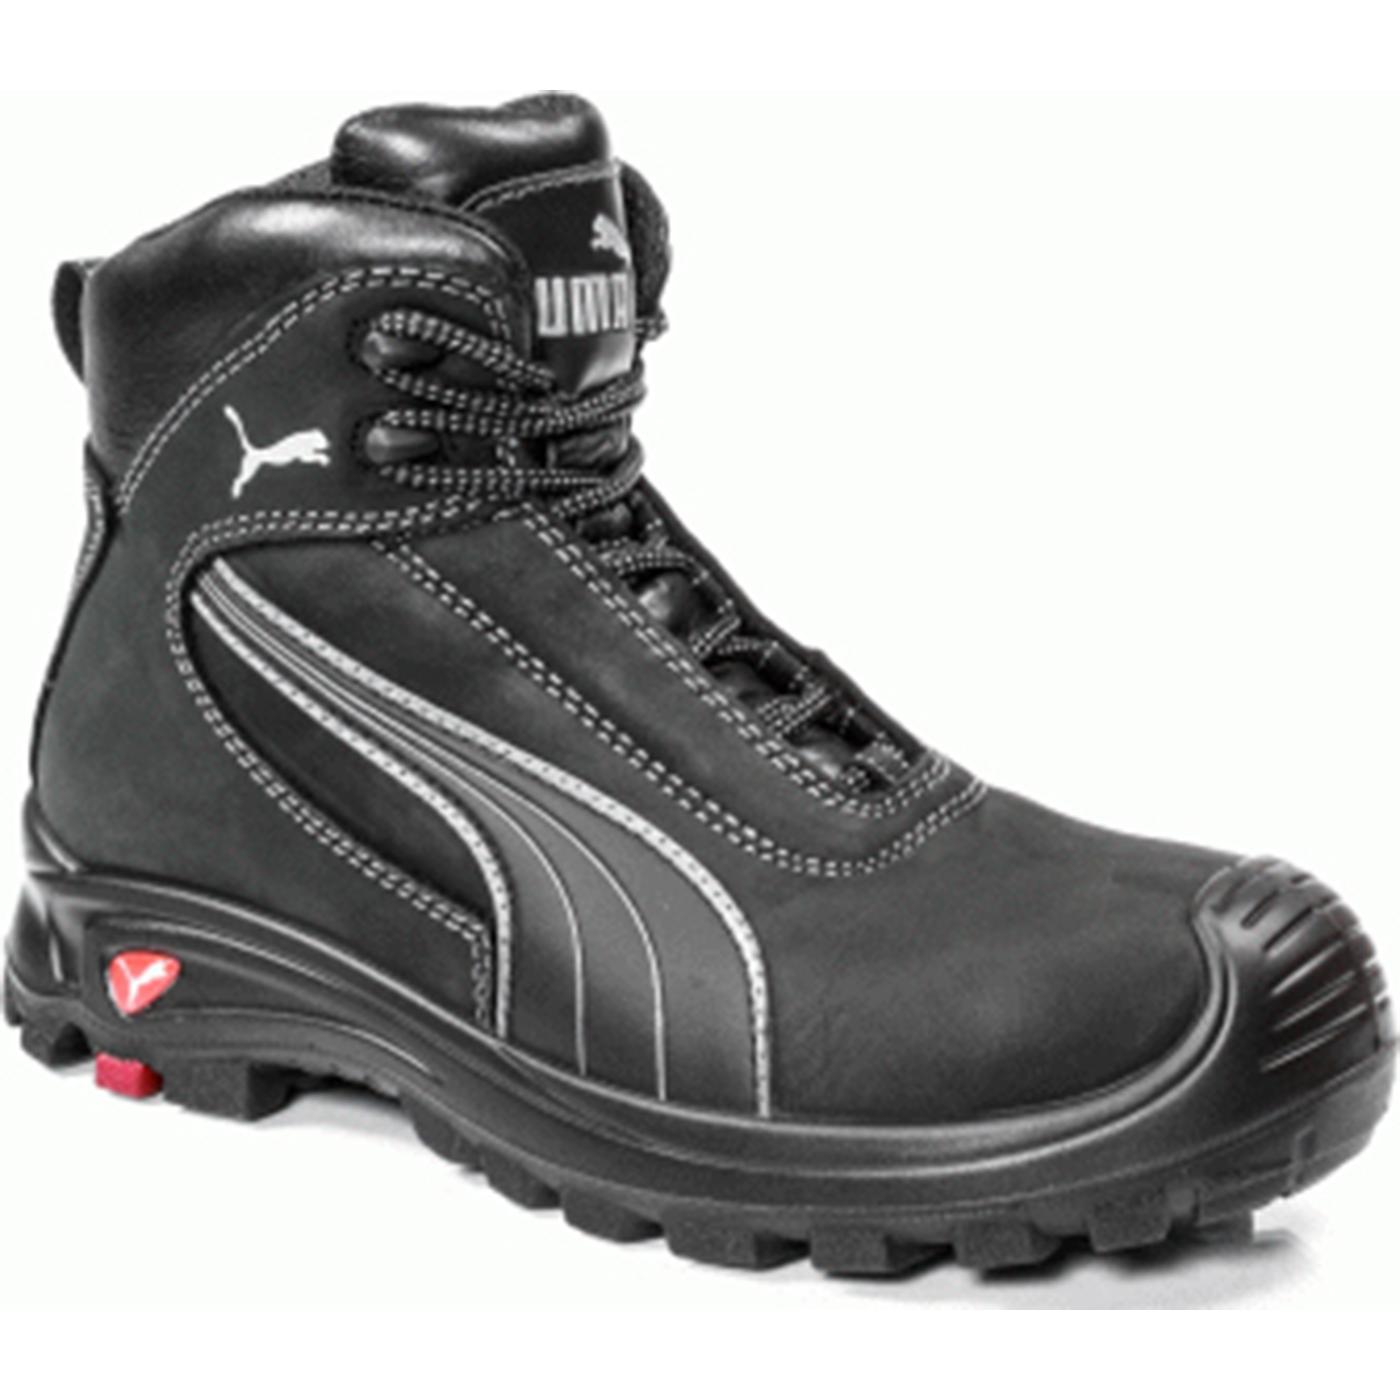 32e1671d7566 Puma Cascades Composite Toe Hiker Work Shoe